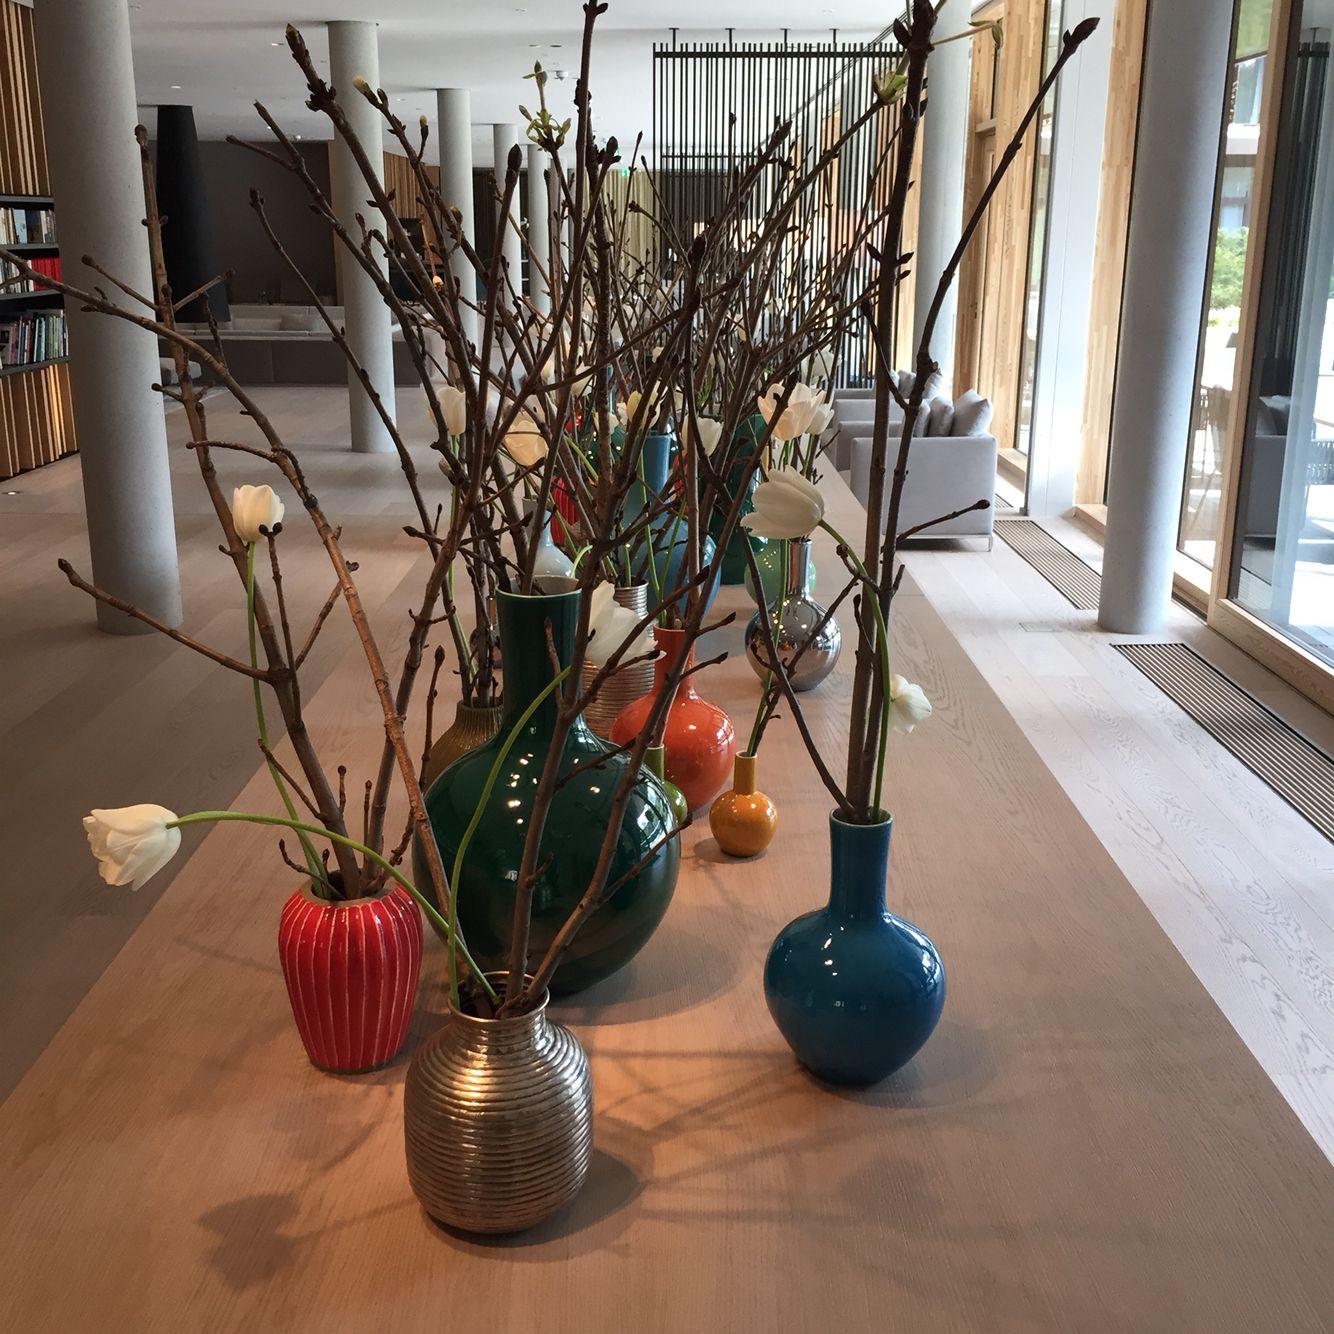 Die dekoration im raum der sch nen dinge im lanserhof for Raum pflanzen